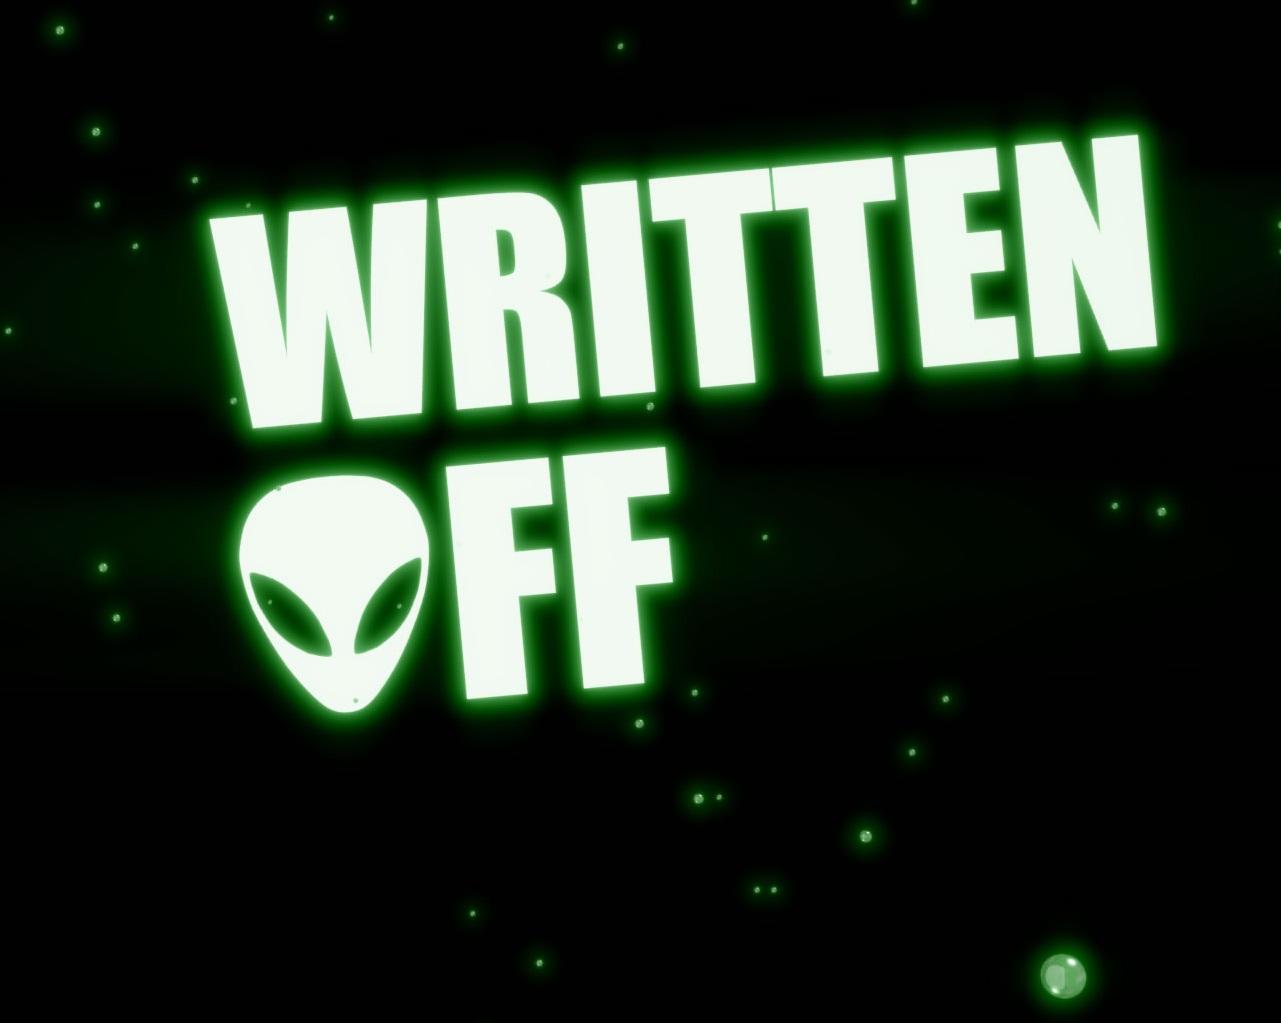 Written Off